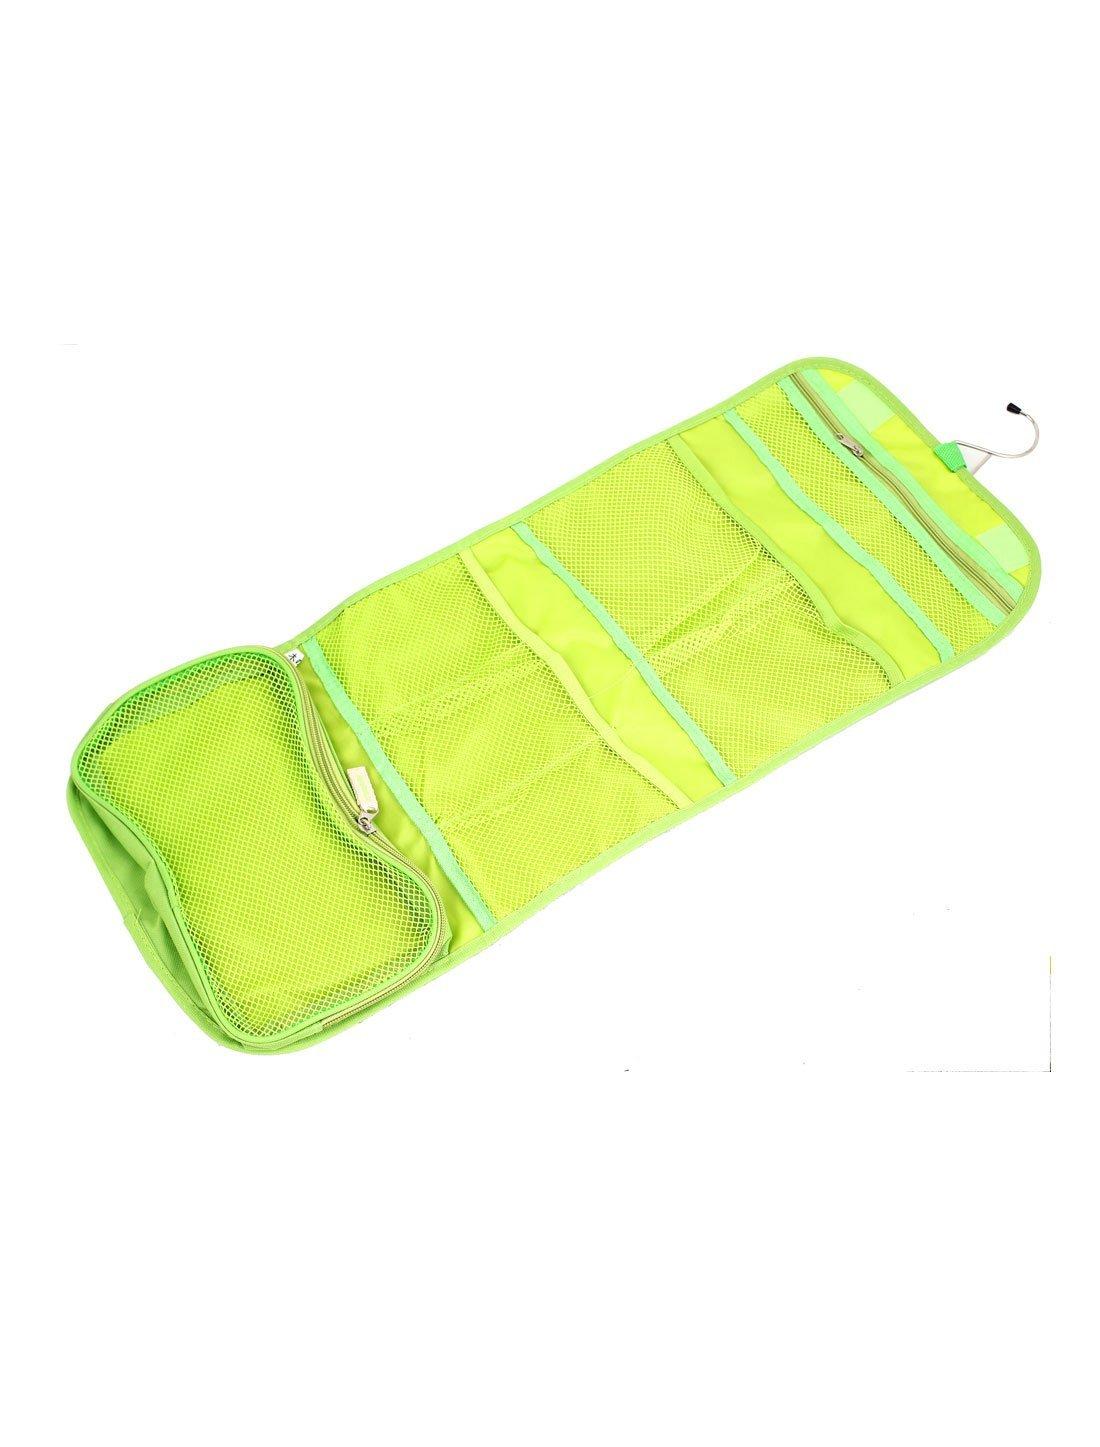 Amazon.com: Viajes Artículos de higiene cosmética Espejo colgado plegable bolso de la Colada Verde: Health & Personal Care